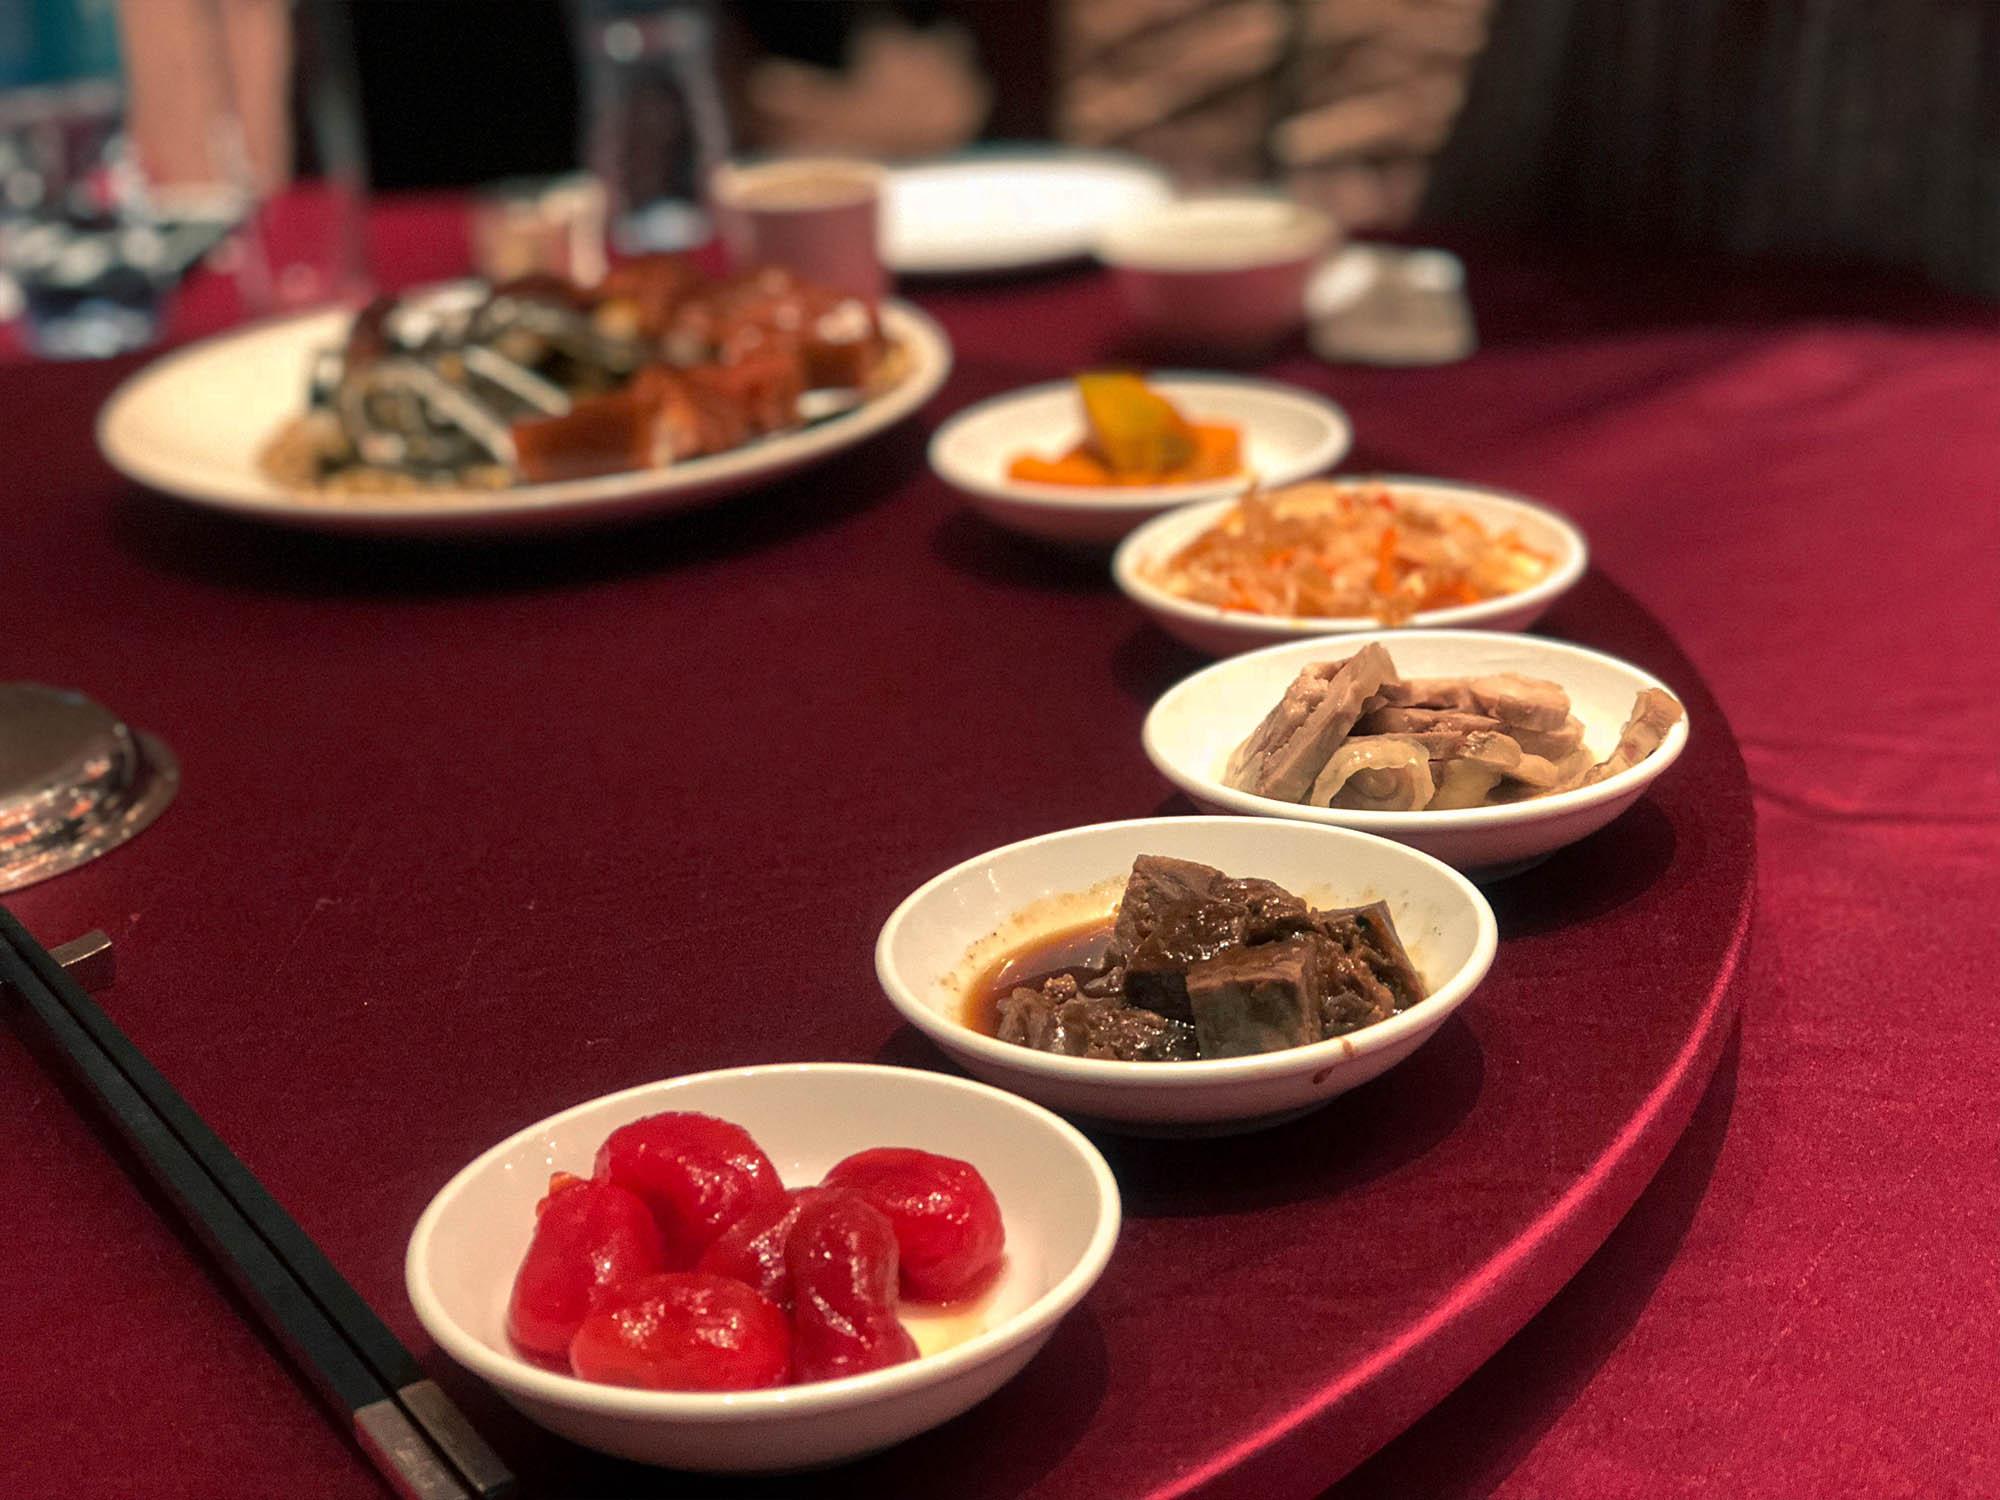 蘭城晶英_櫻桃鴨烤鴨小菜1